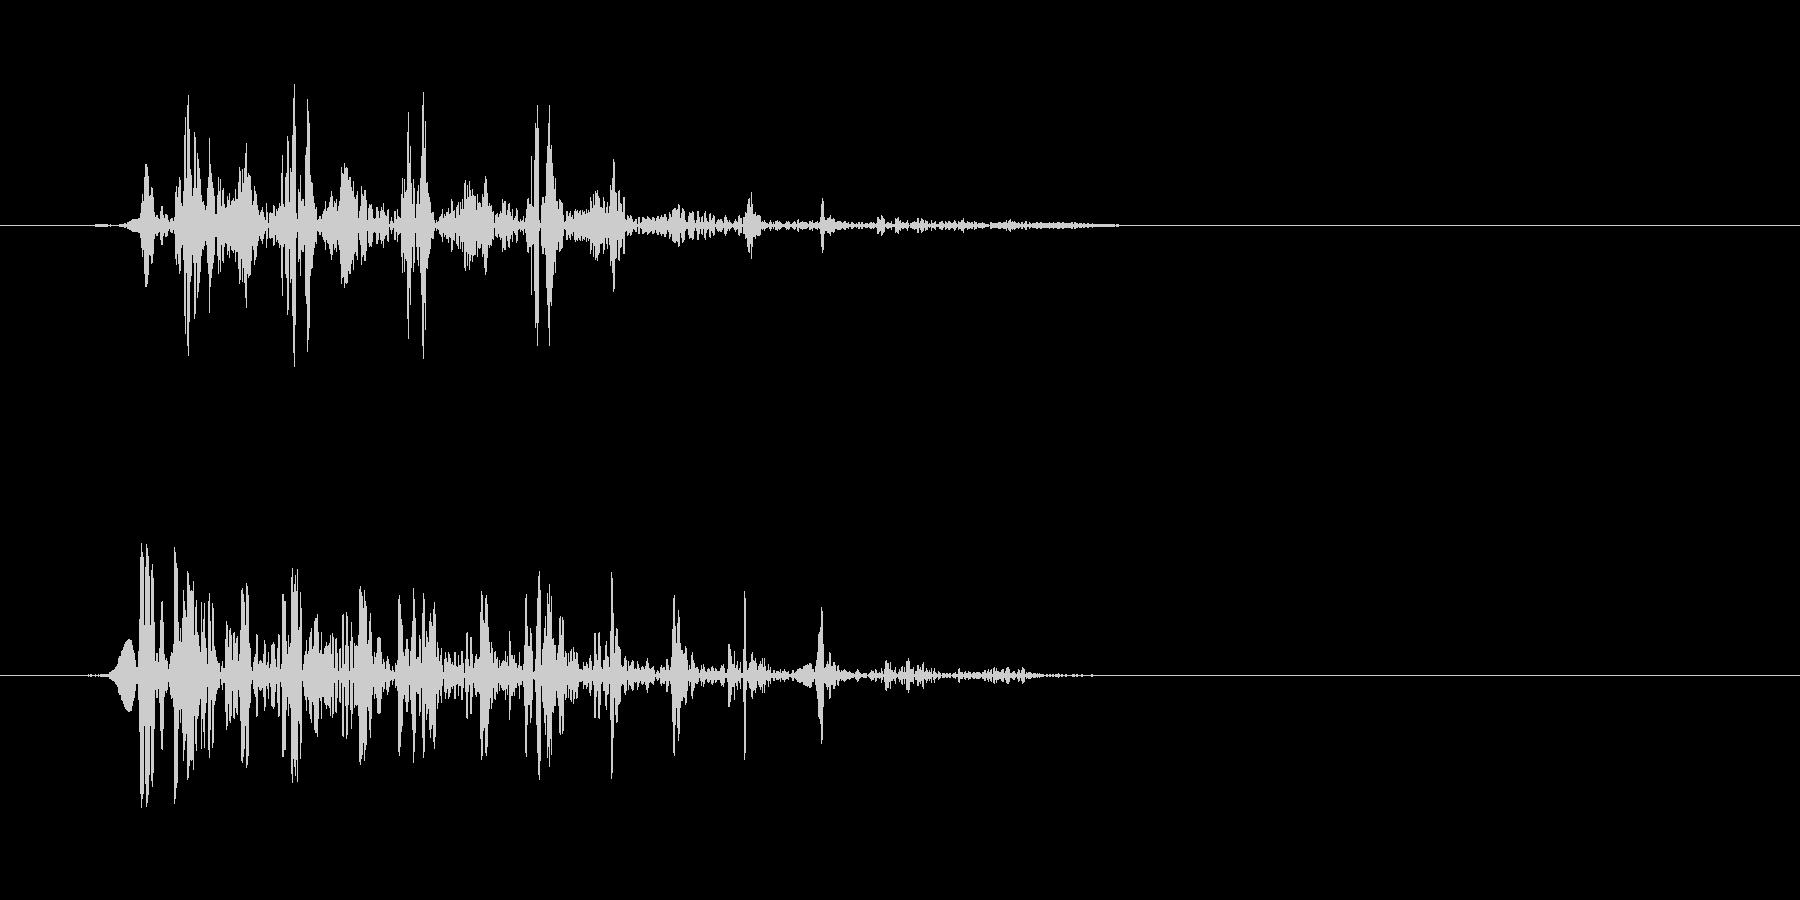 グワ、っというアヒルの鳴き声の未再生の波形